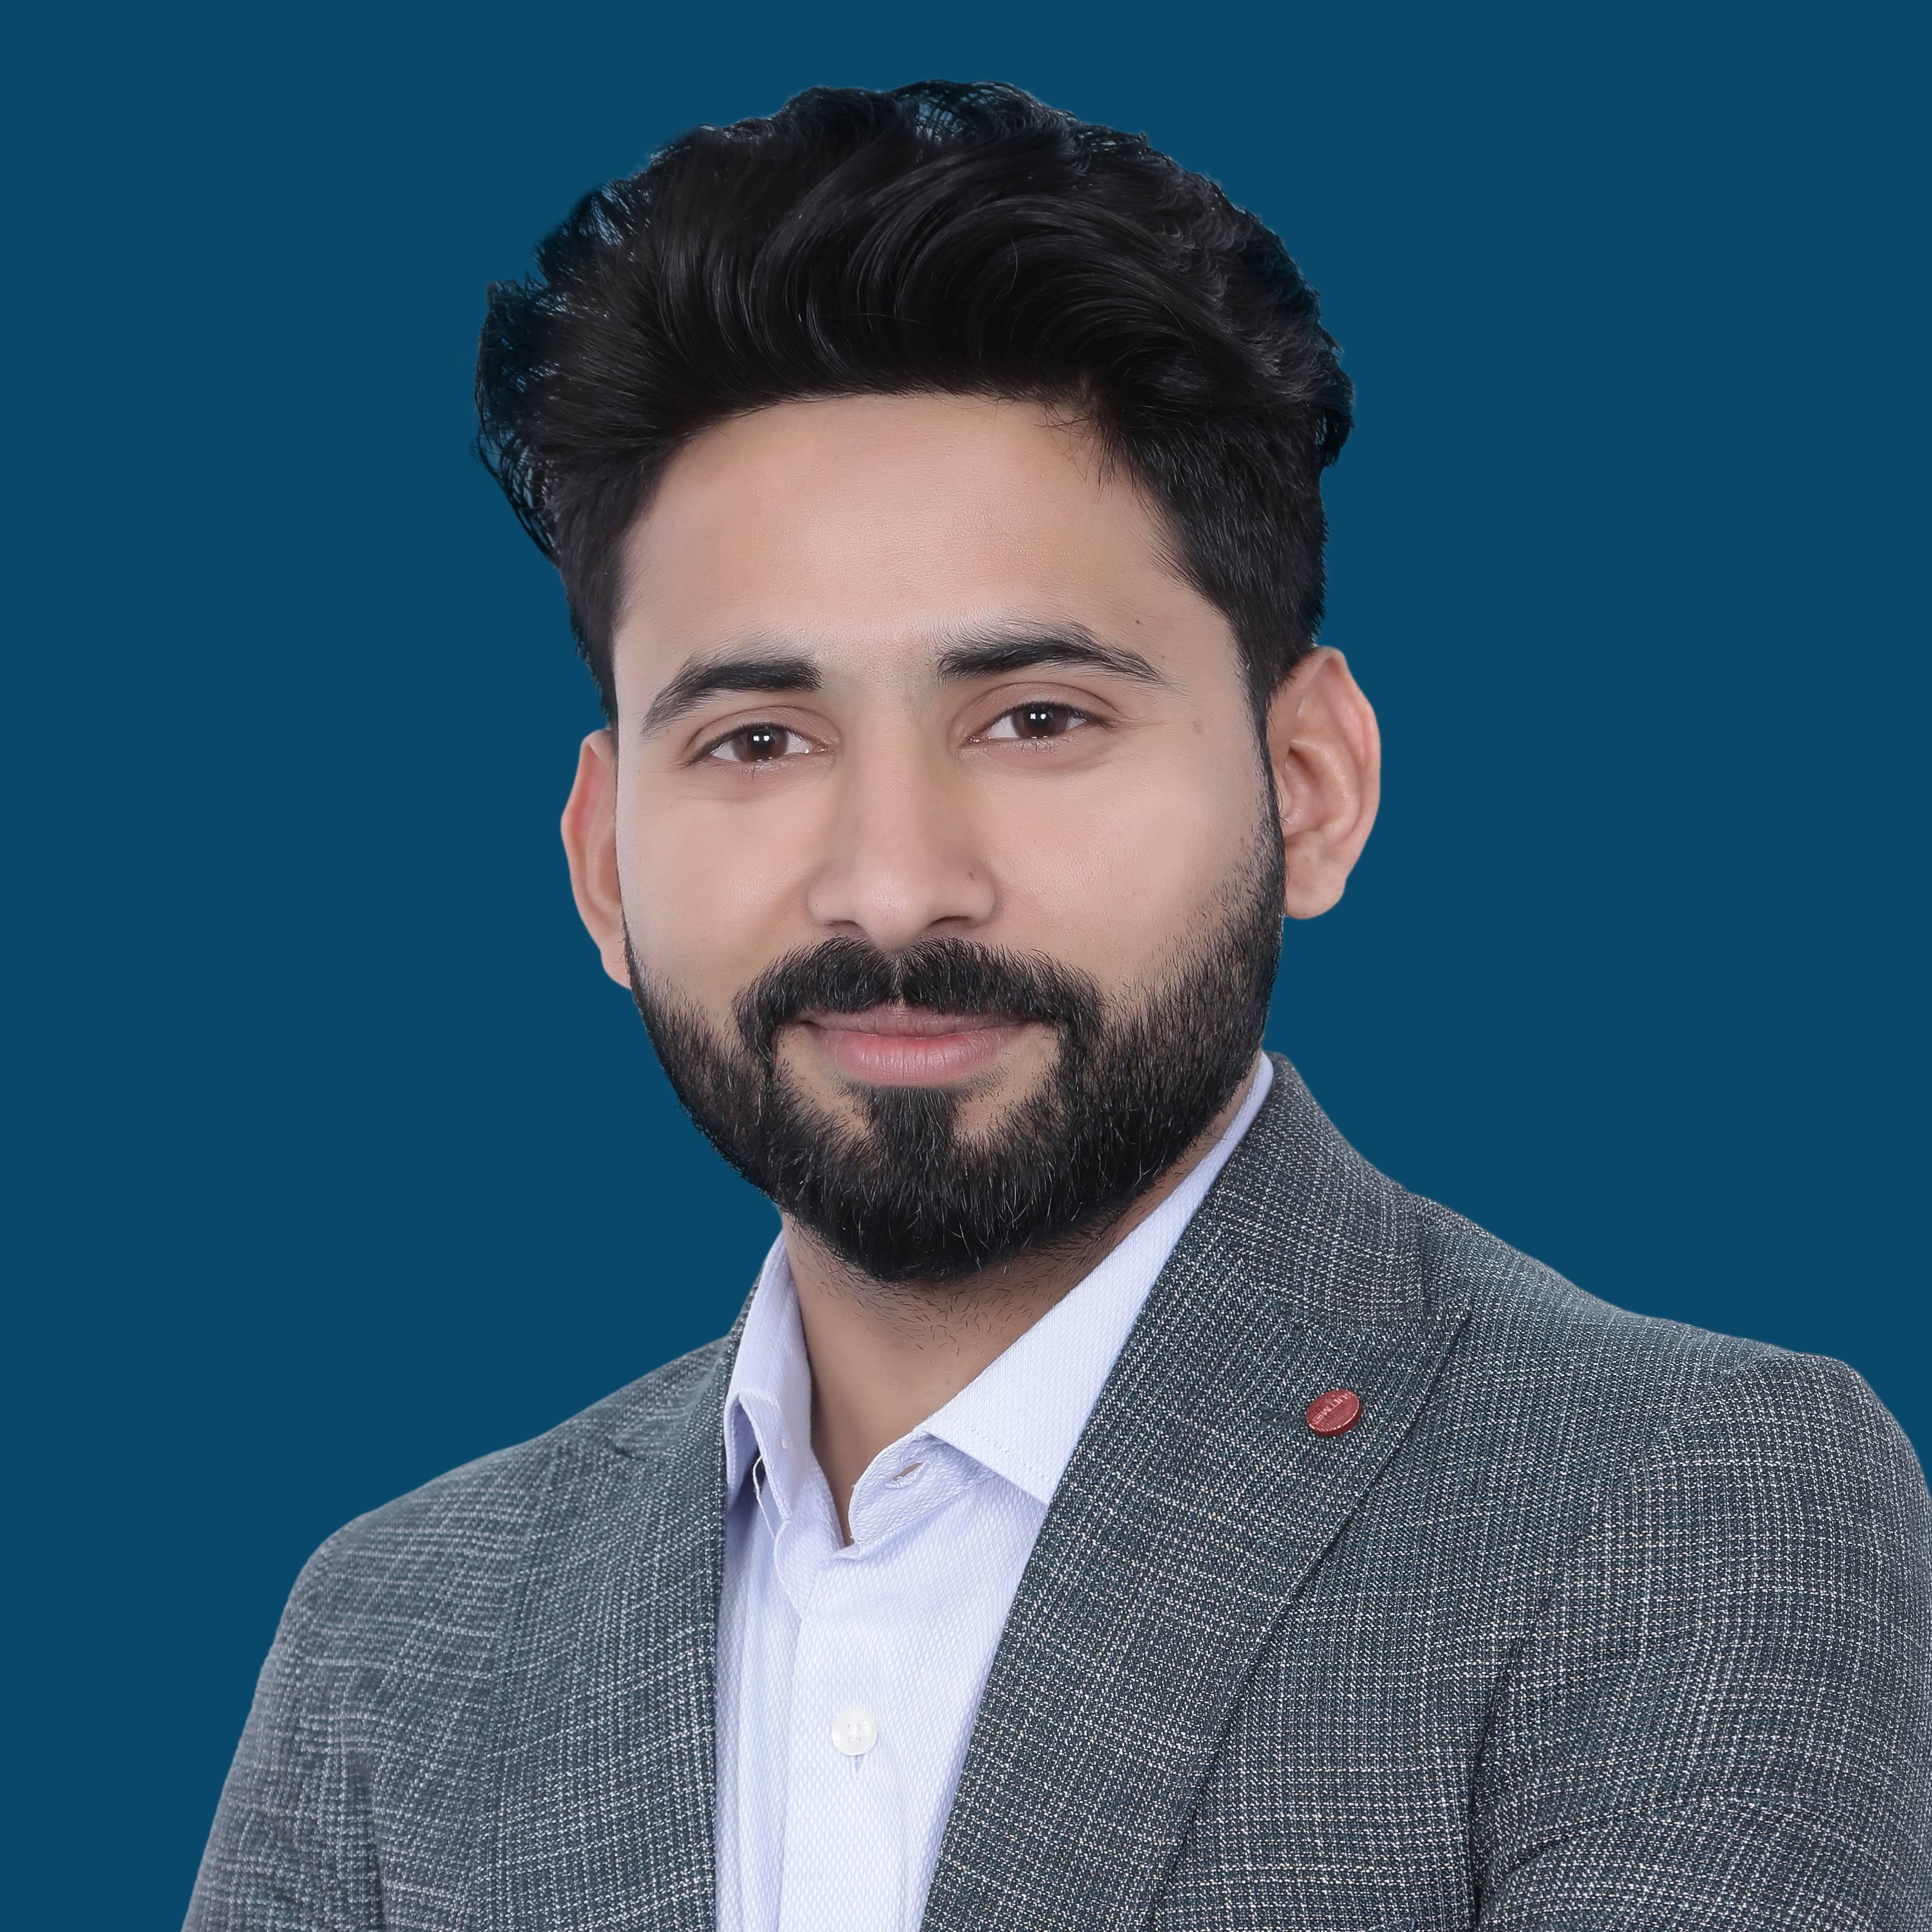 Faisal Naseem